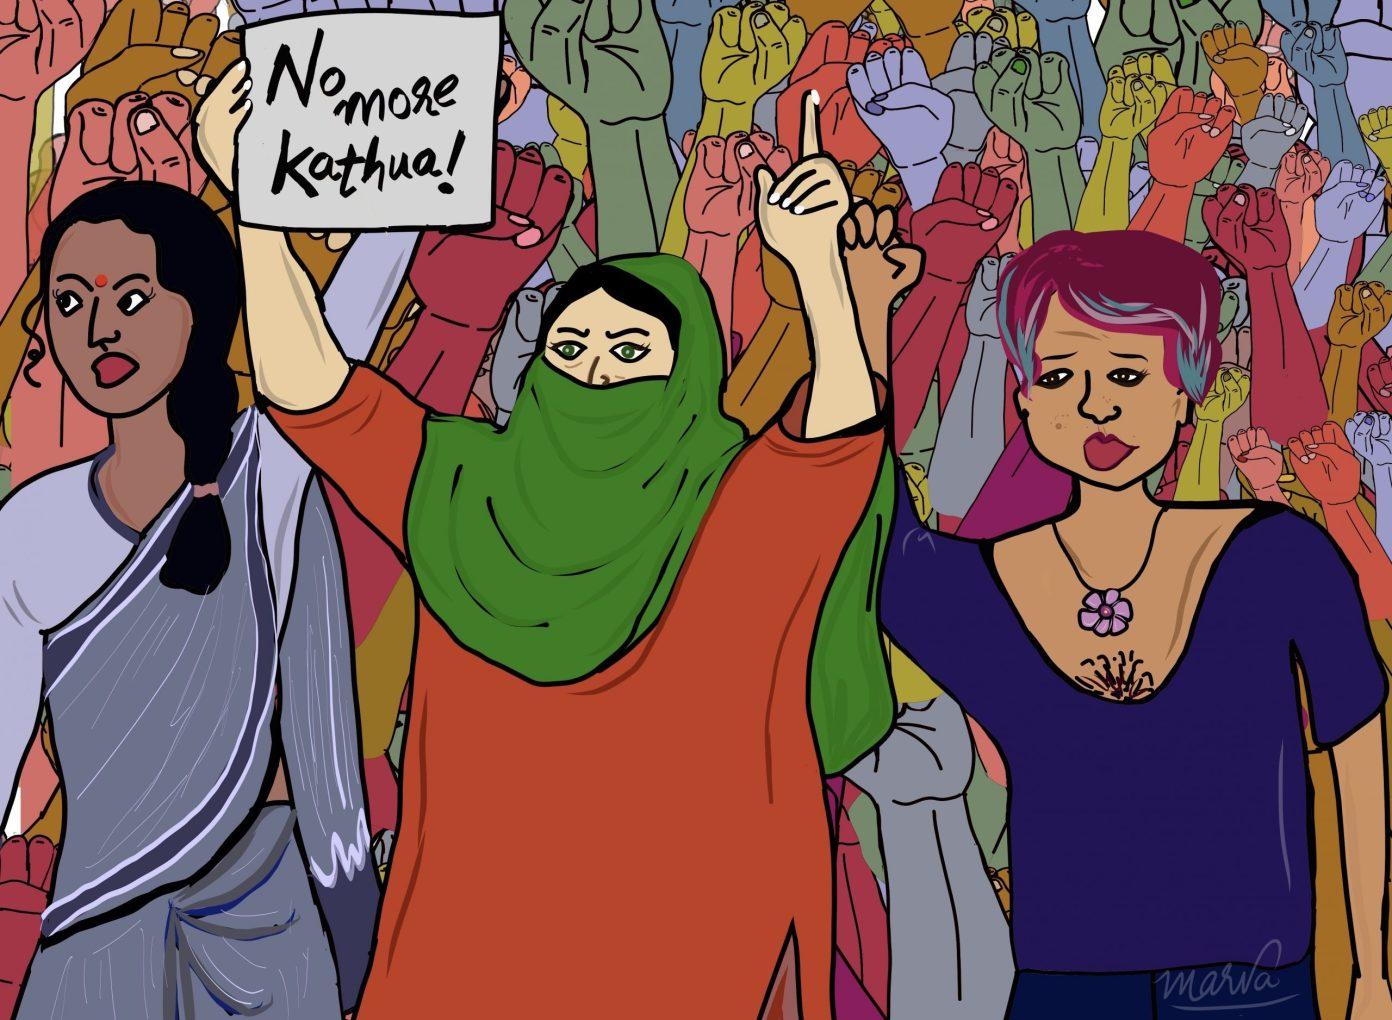 यूपी और बिहार में बलात्कार की घटनाएं और कानून व्यवस्था पर उठते सवाल